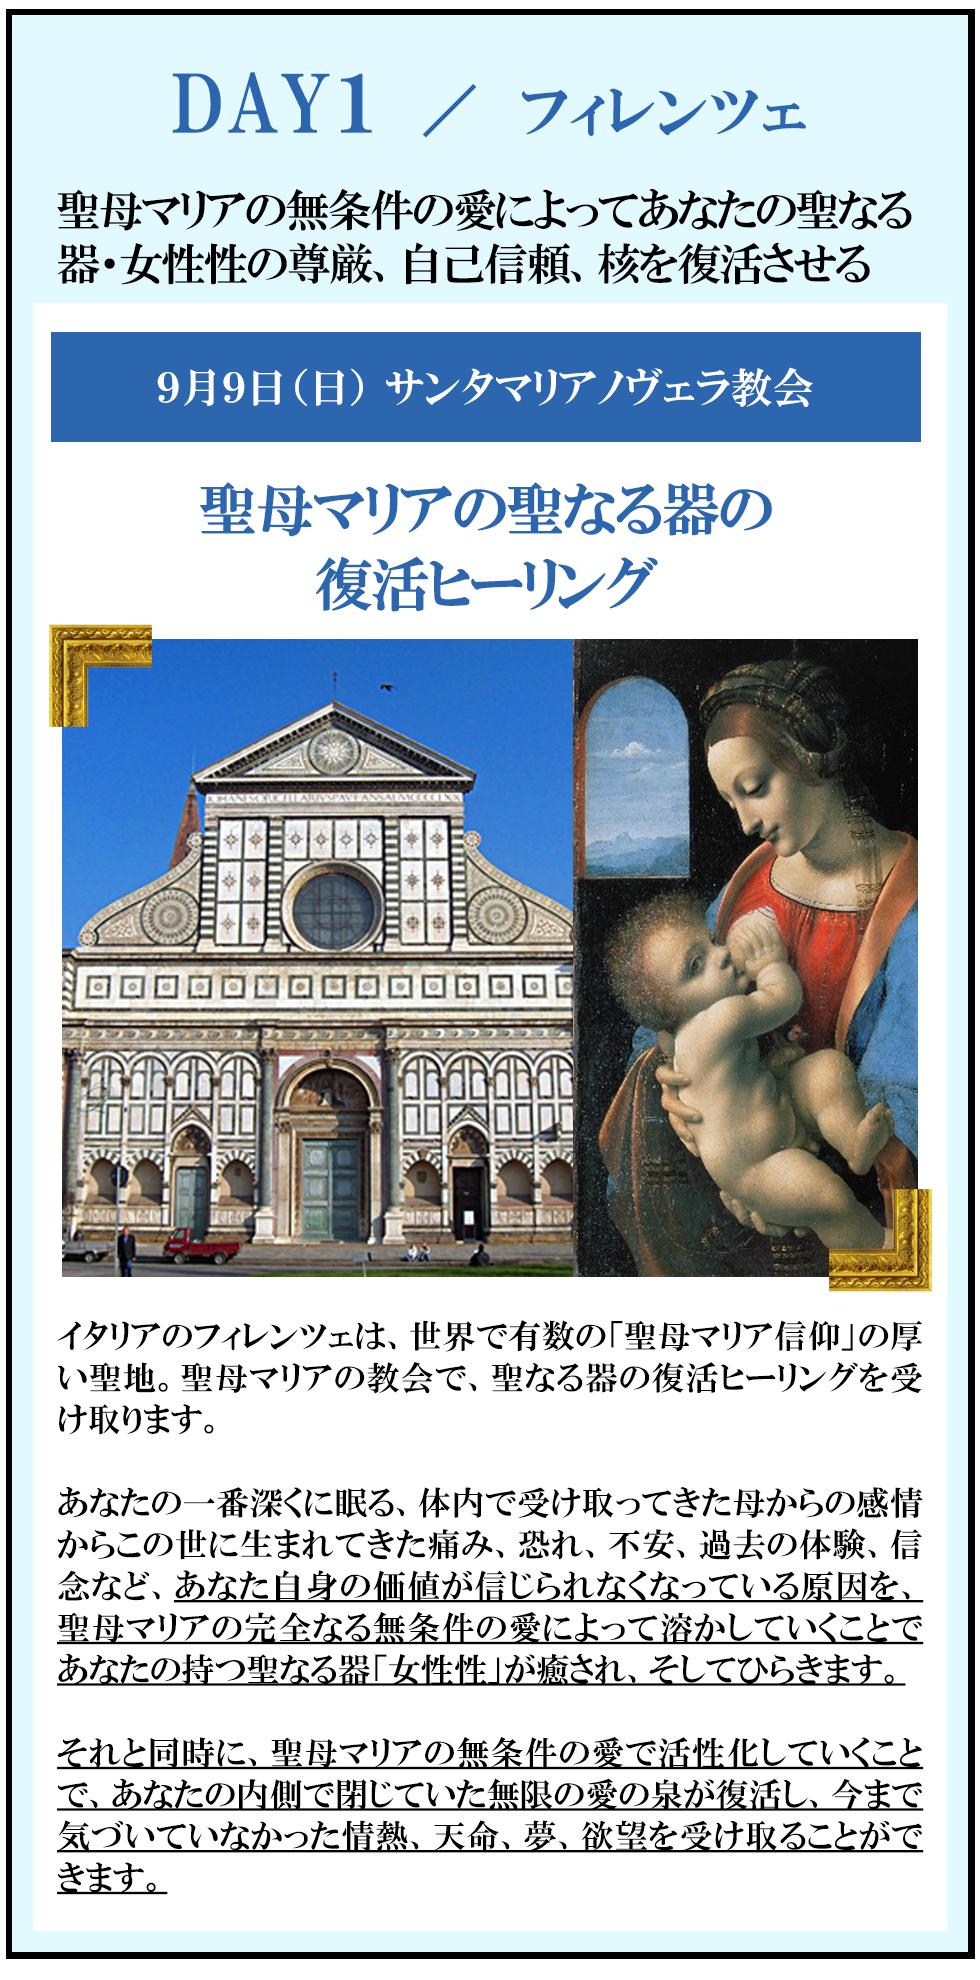 DAY1:聖母マリアの無条件の愛によってあなたの聖なる器・女性性の尊厳、自己信頼、核を復活させる 9月9日(日)at サンタマリアノヴェラ教会  フィレンツェ 聖母マリアの聖なる器の復活ヒーリング            イタリアのフィレンツェは、世界で有数の「聖母マリア信仰」の厚い聖地。 聖母マリアの教会で、聖なる器の復活ヒーリングを受け取ります。  あなたの一番深くに眠る、体内で受け取ってきた母からの感情からこの世に生まれてきた痛み、恐れ、不安、過去の体験、信念など、あなた自身の価値が信じられなくなっている原因を、聖母マリアの完全なる無条件の愛によって溶かしていくことであなたの持つ聖なる器「女性性」が癒され、そしてひらきます。  それと同時に、聖母マリアの無条件の愛で活性化していくことで、あなたの内側で閉じていた無限の愛の泉が復活し、今まで気づいていなかった情熱、天命、夢、欲望を受け取ることができます。